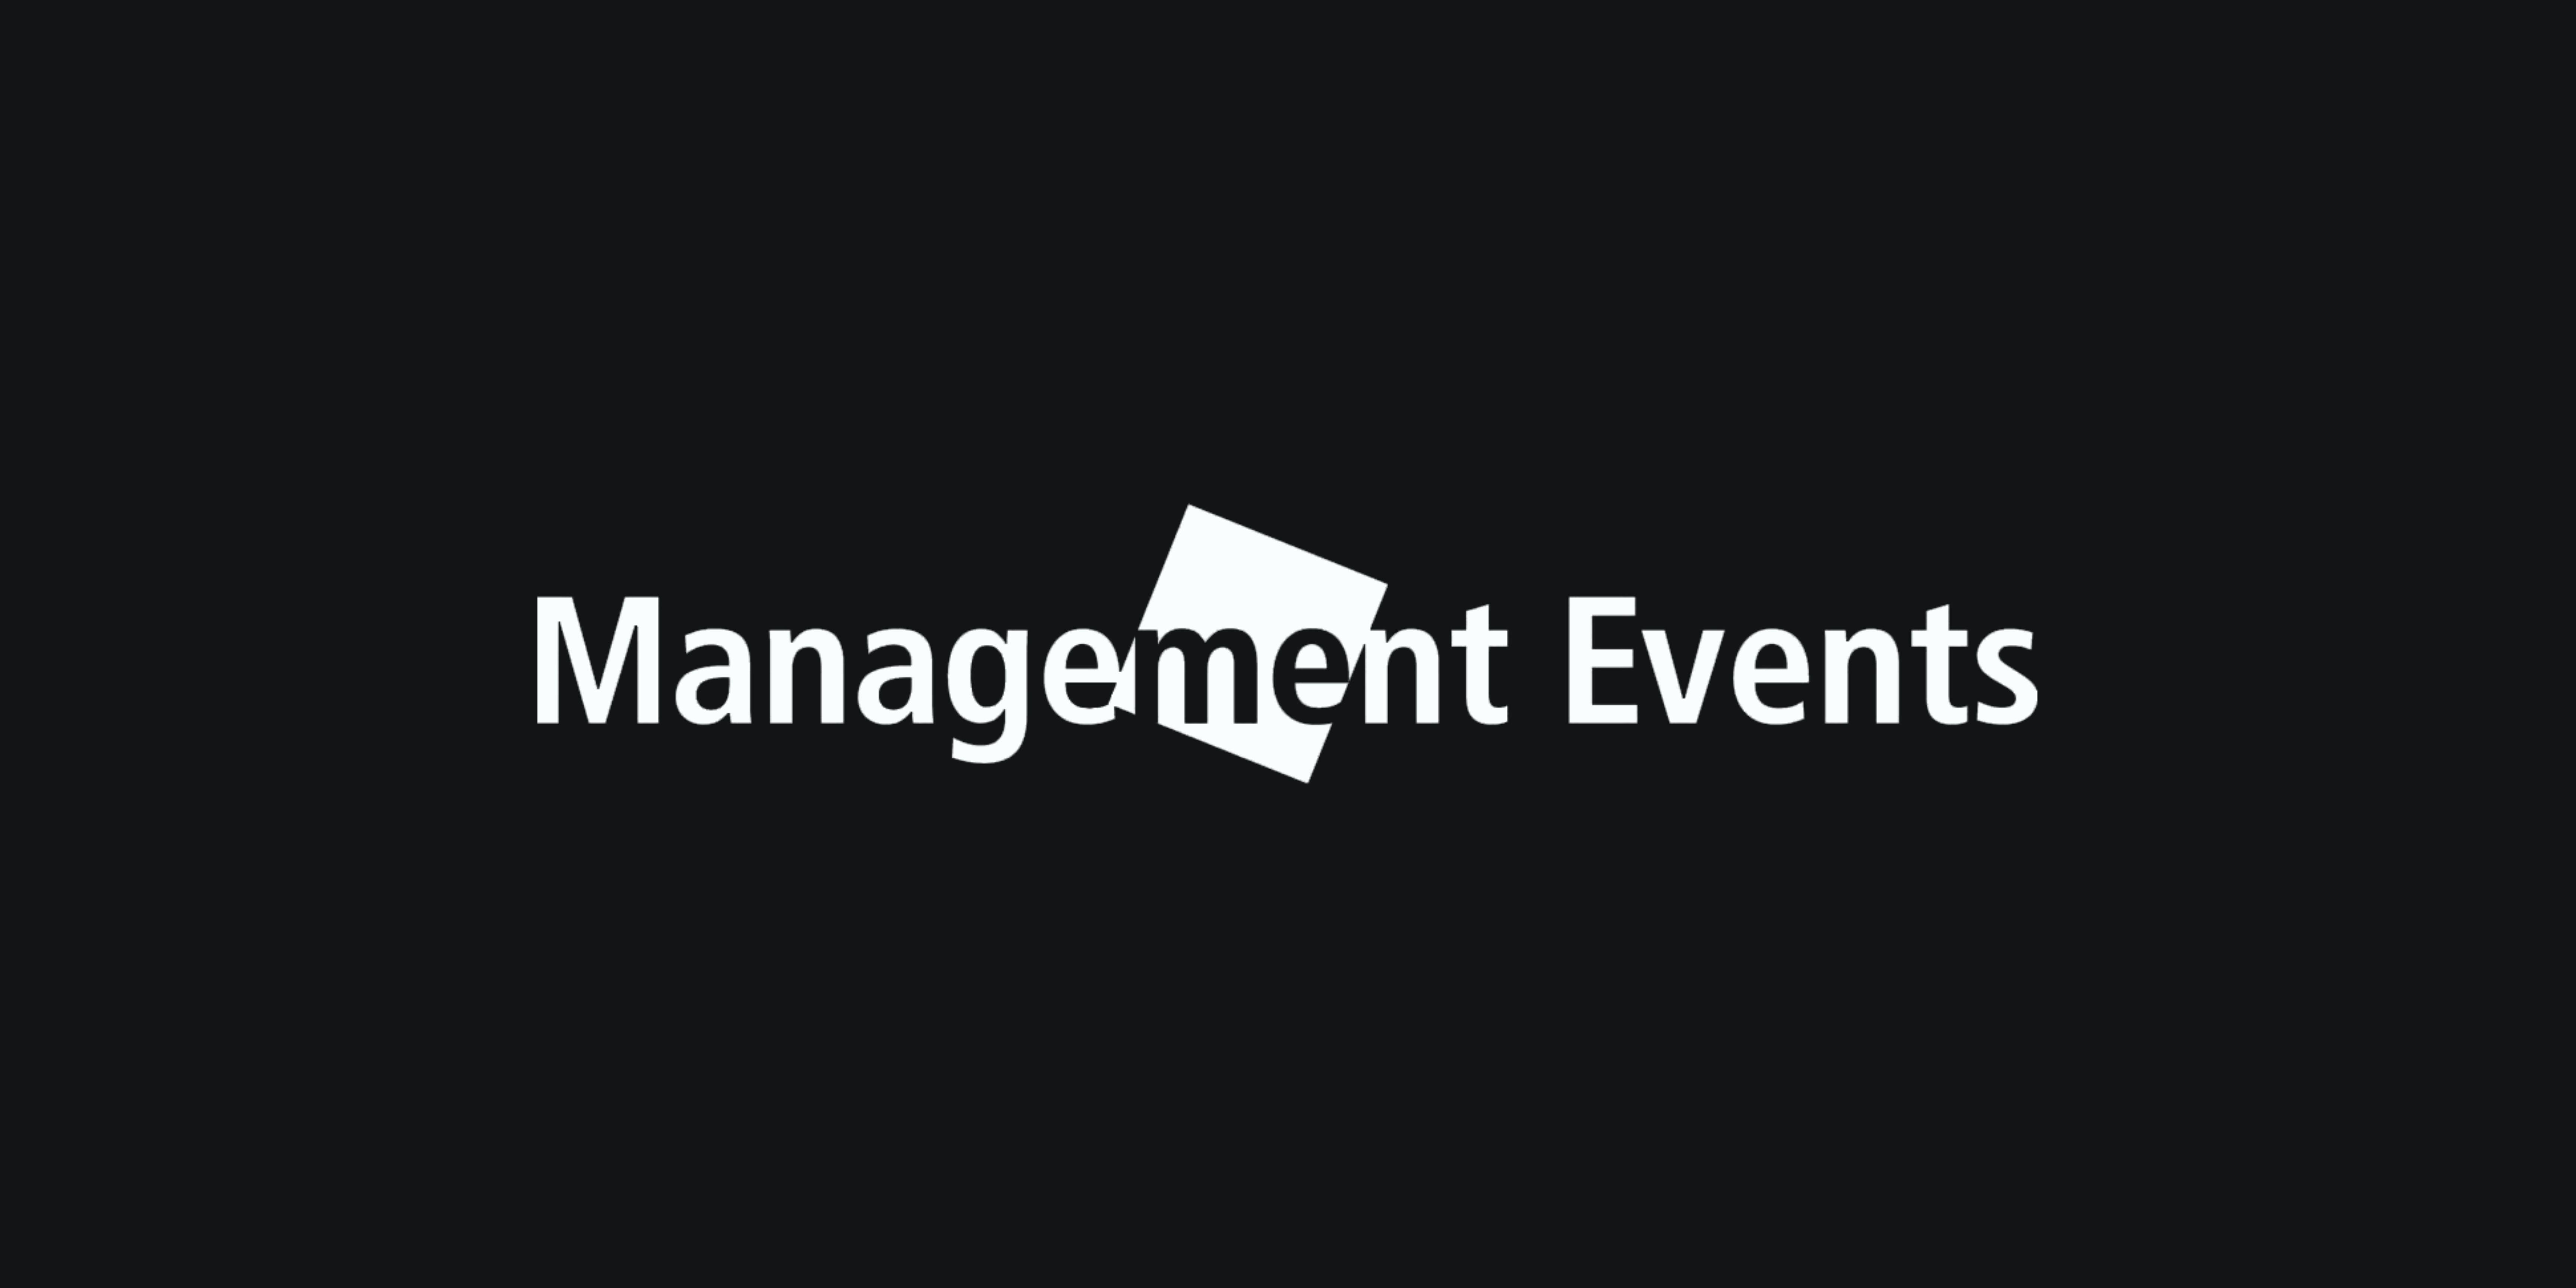 [Video+Presentatie] Keynote Management Events: Digitale transformatie door de jaren heen - wat zijn de learnings en kansen?